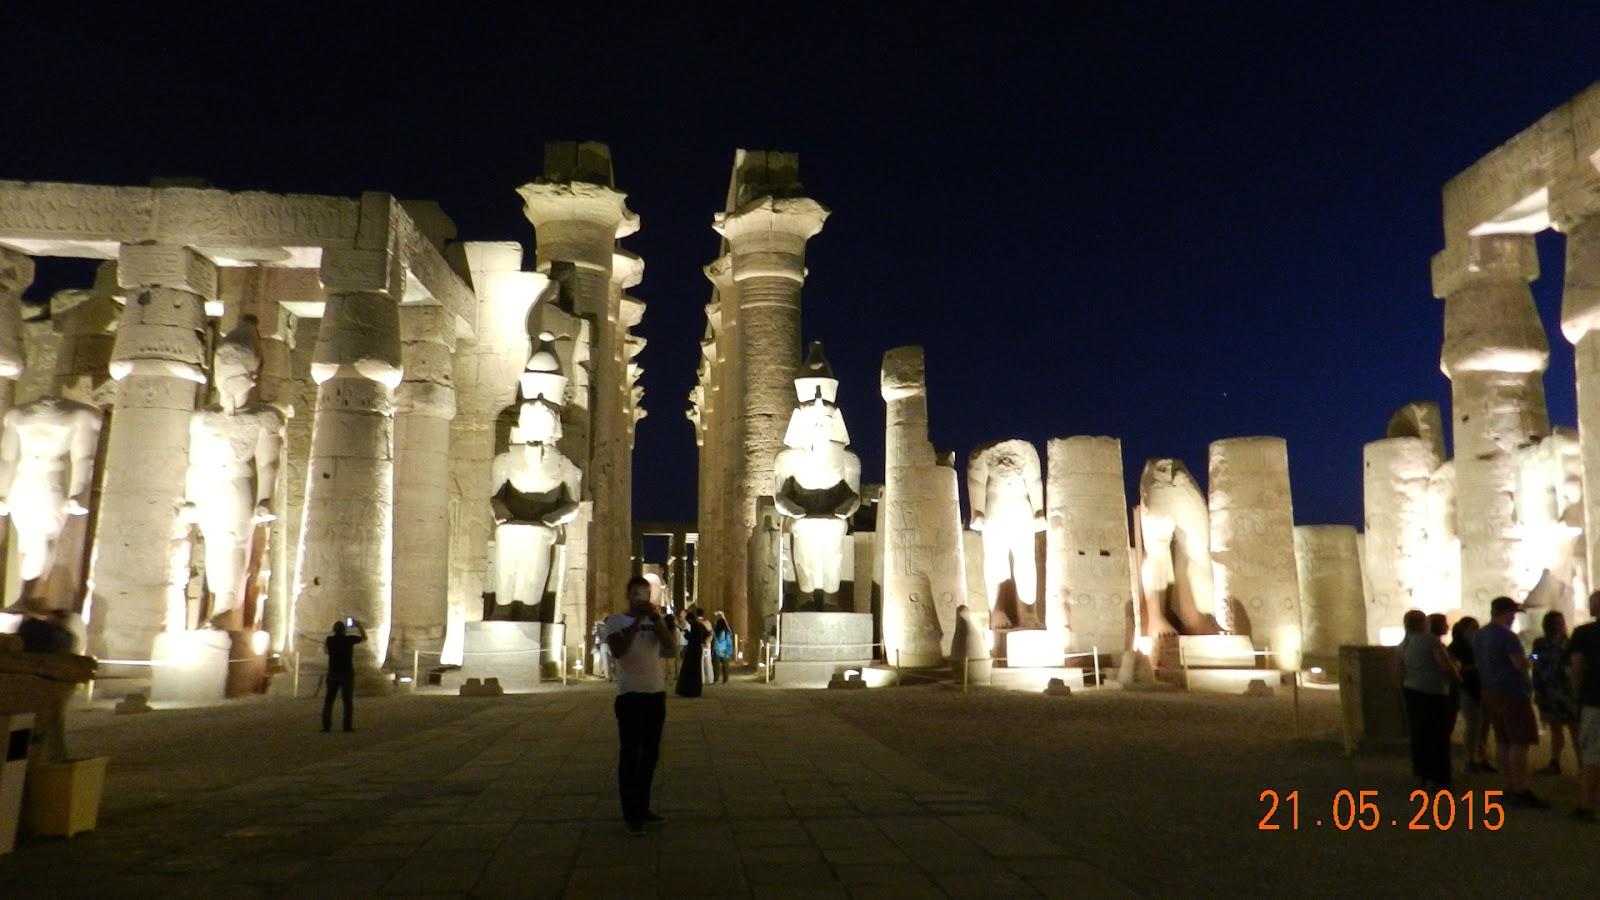 Mısırın antik tapınakları. Mısırın görülecek yerler: tapınaklar, saraylar, kale